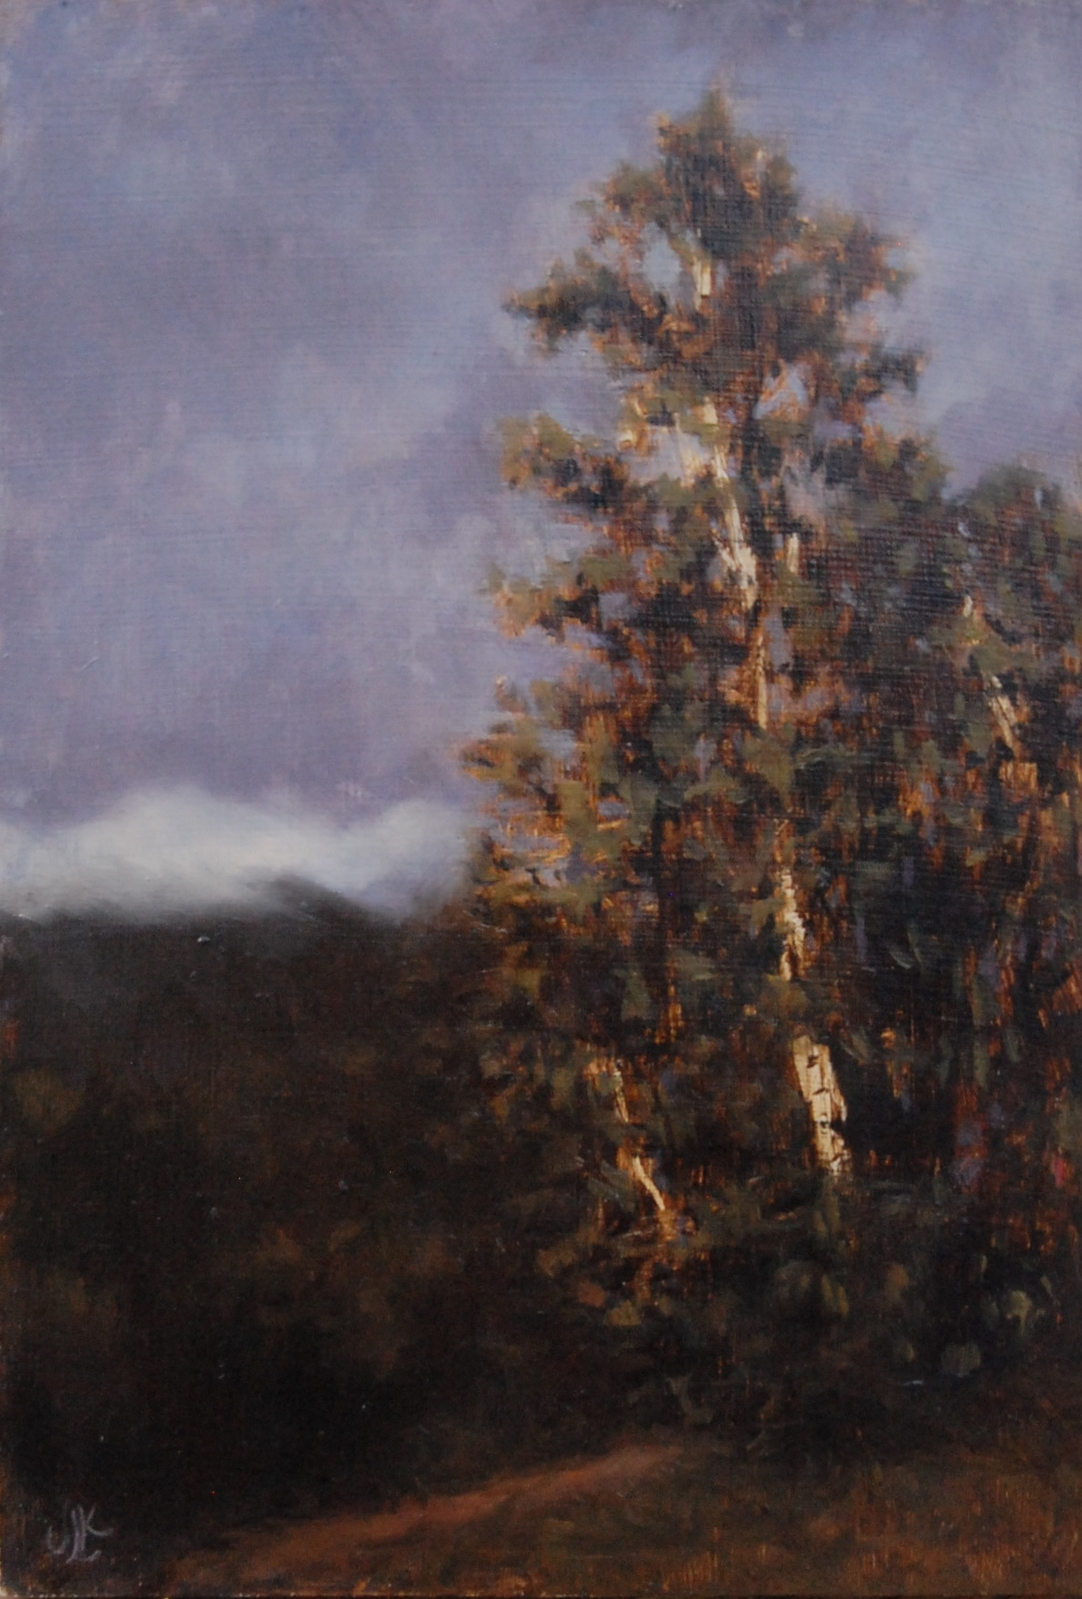 white mountain birch, oil on wood, 2014